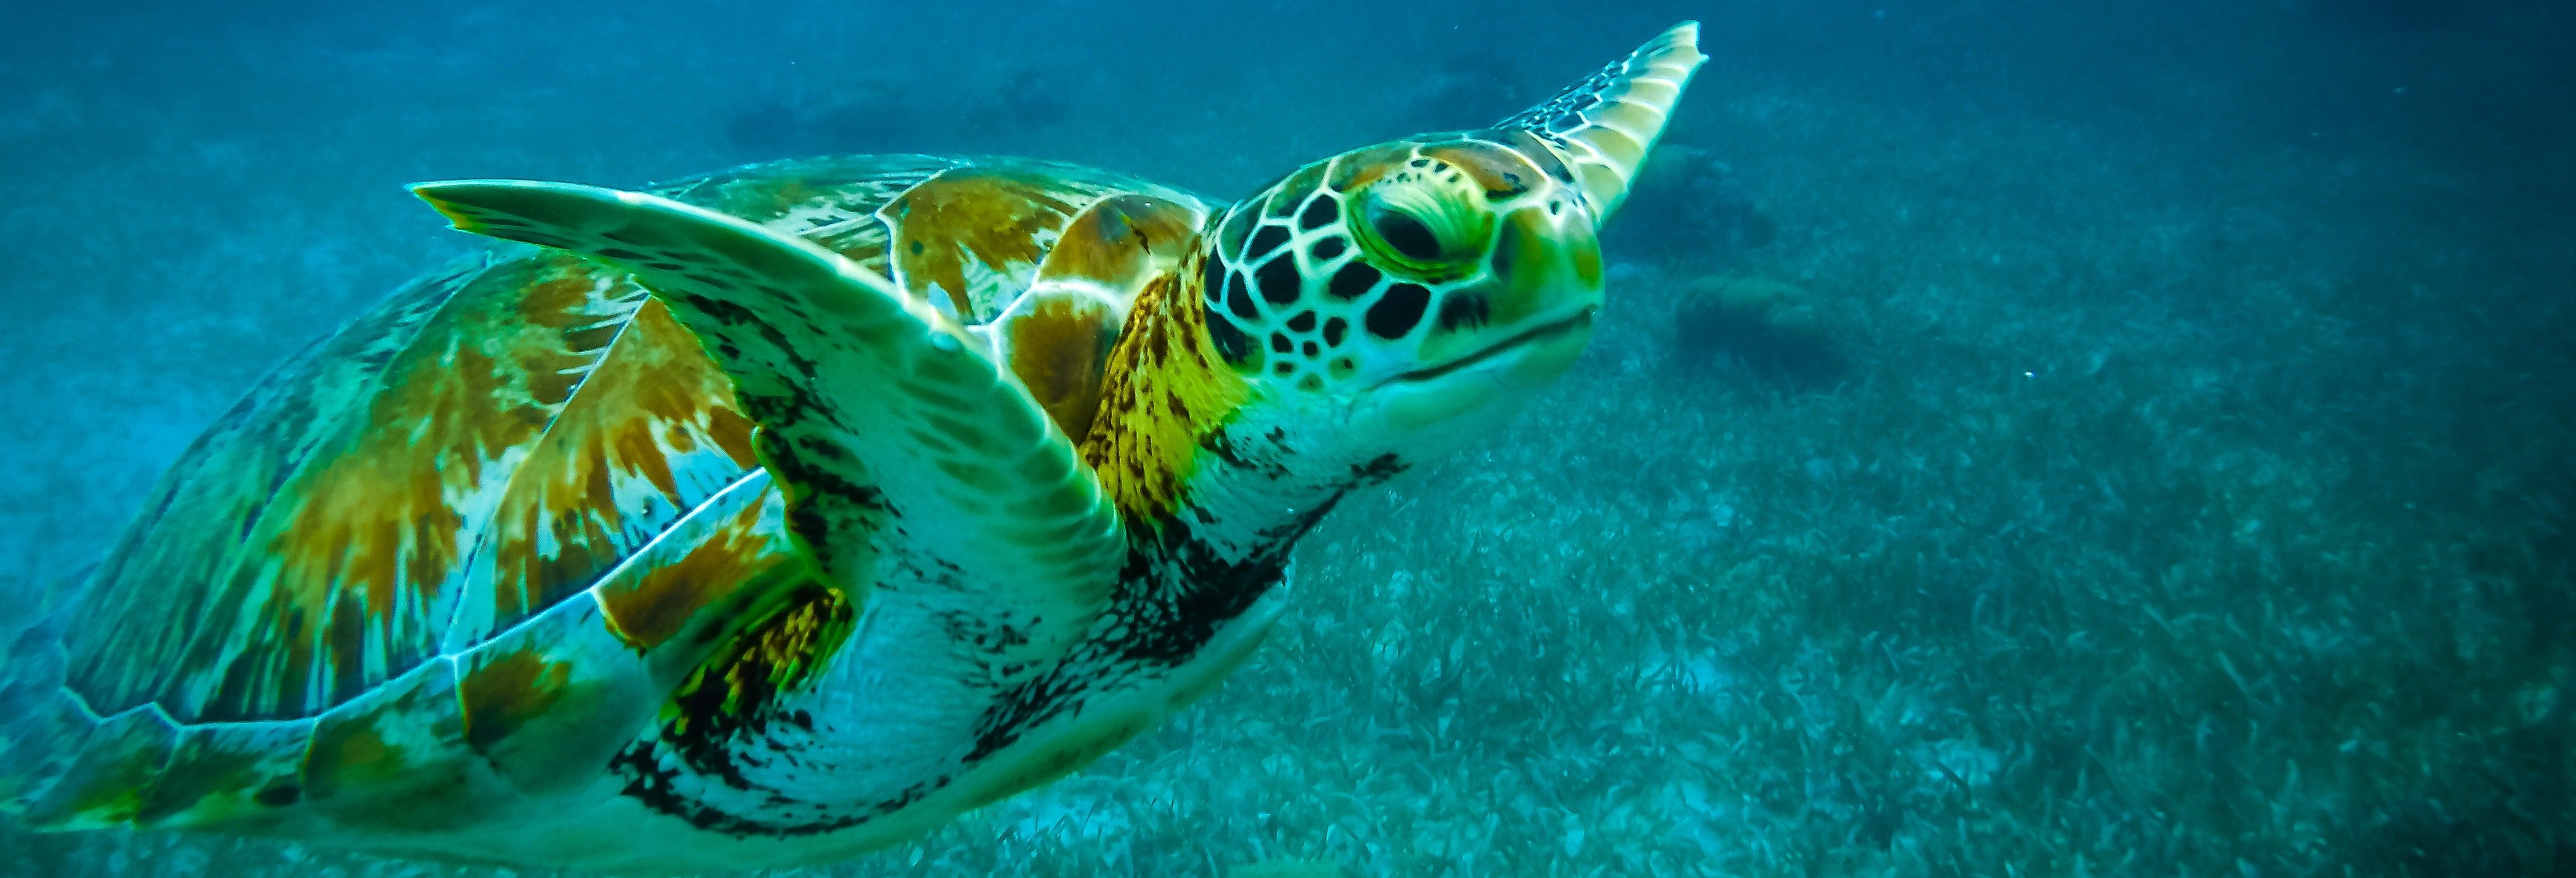 Snorkelling in Caye Caulker